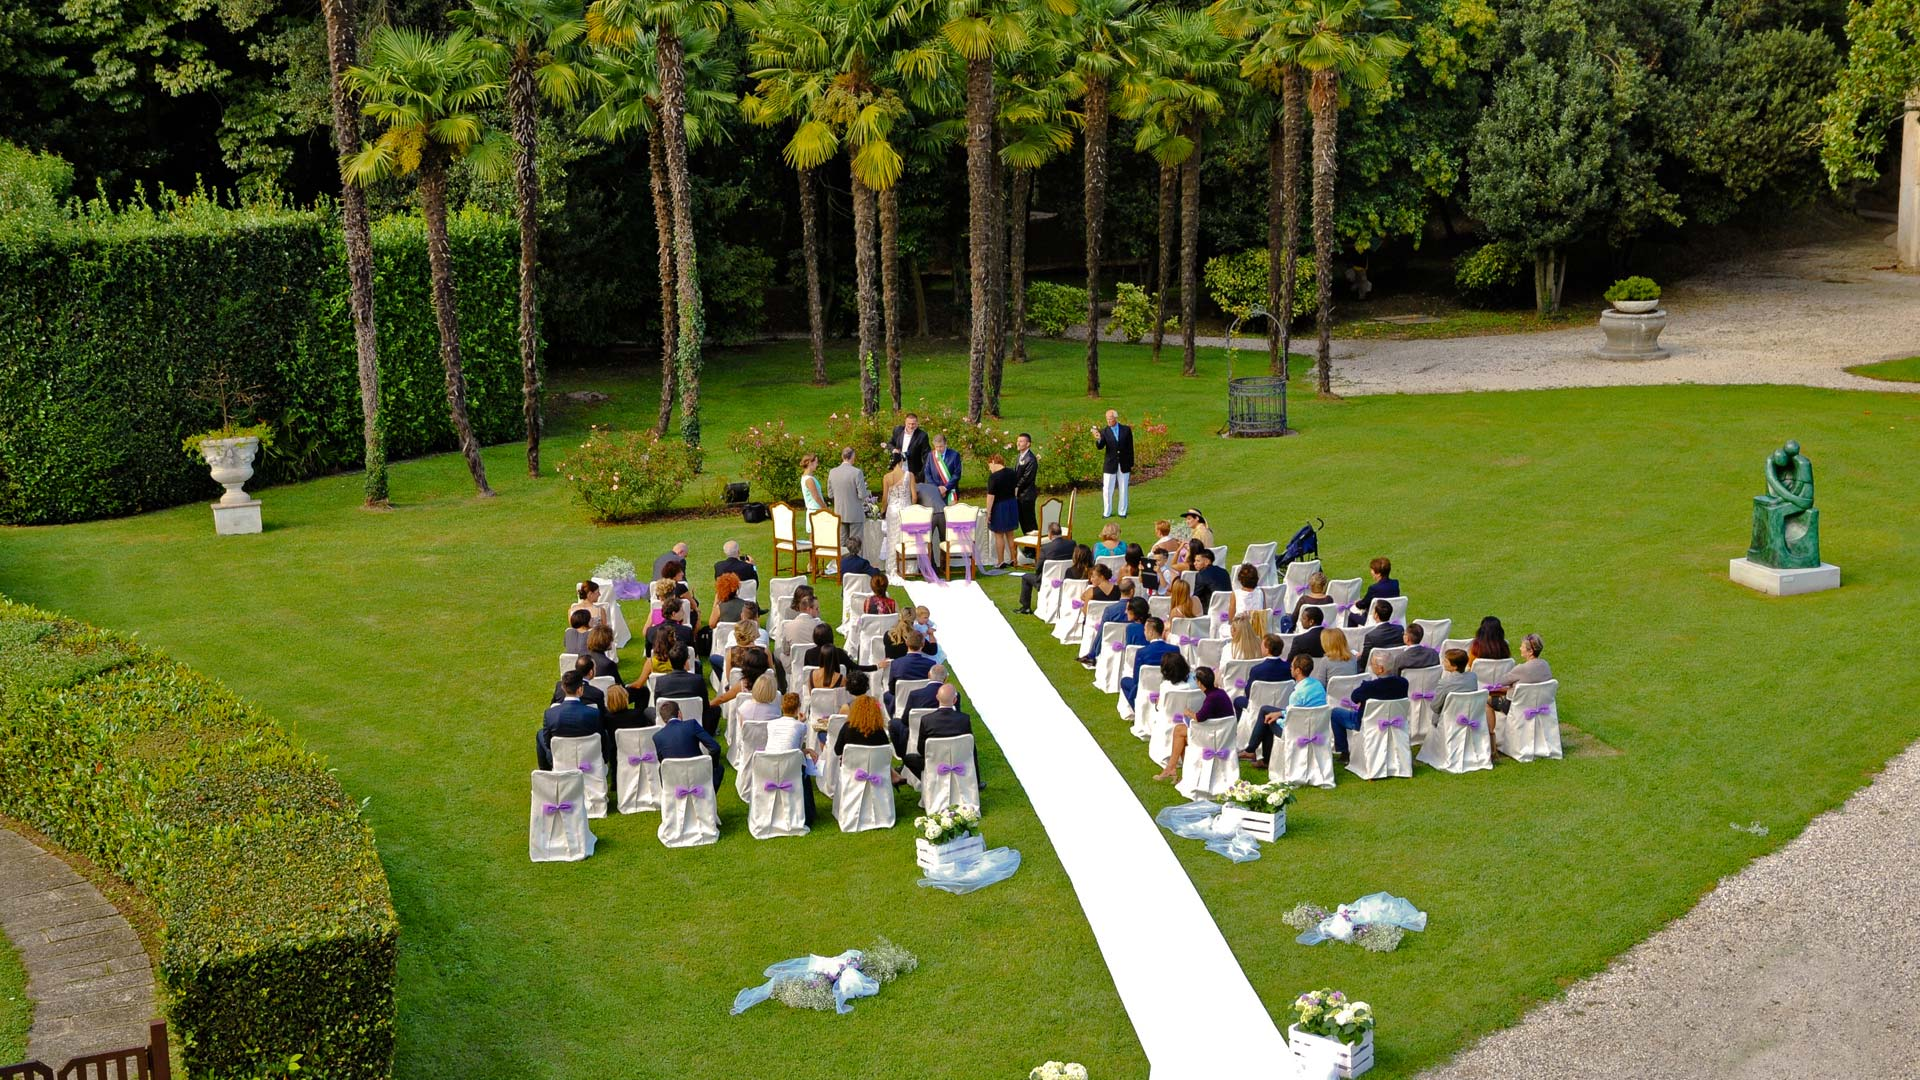 Gallery hotel villa condulmer for Allestimento giardino